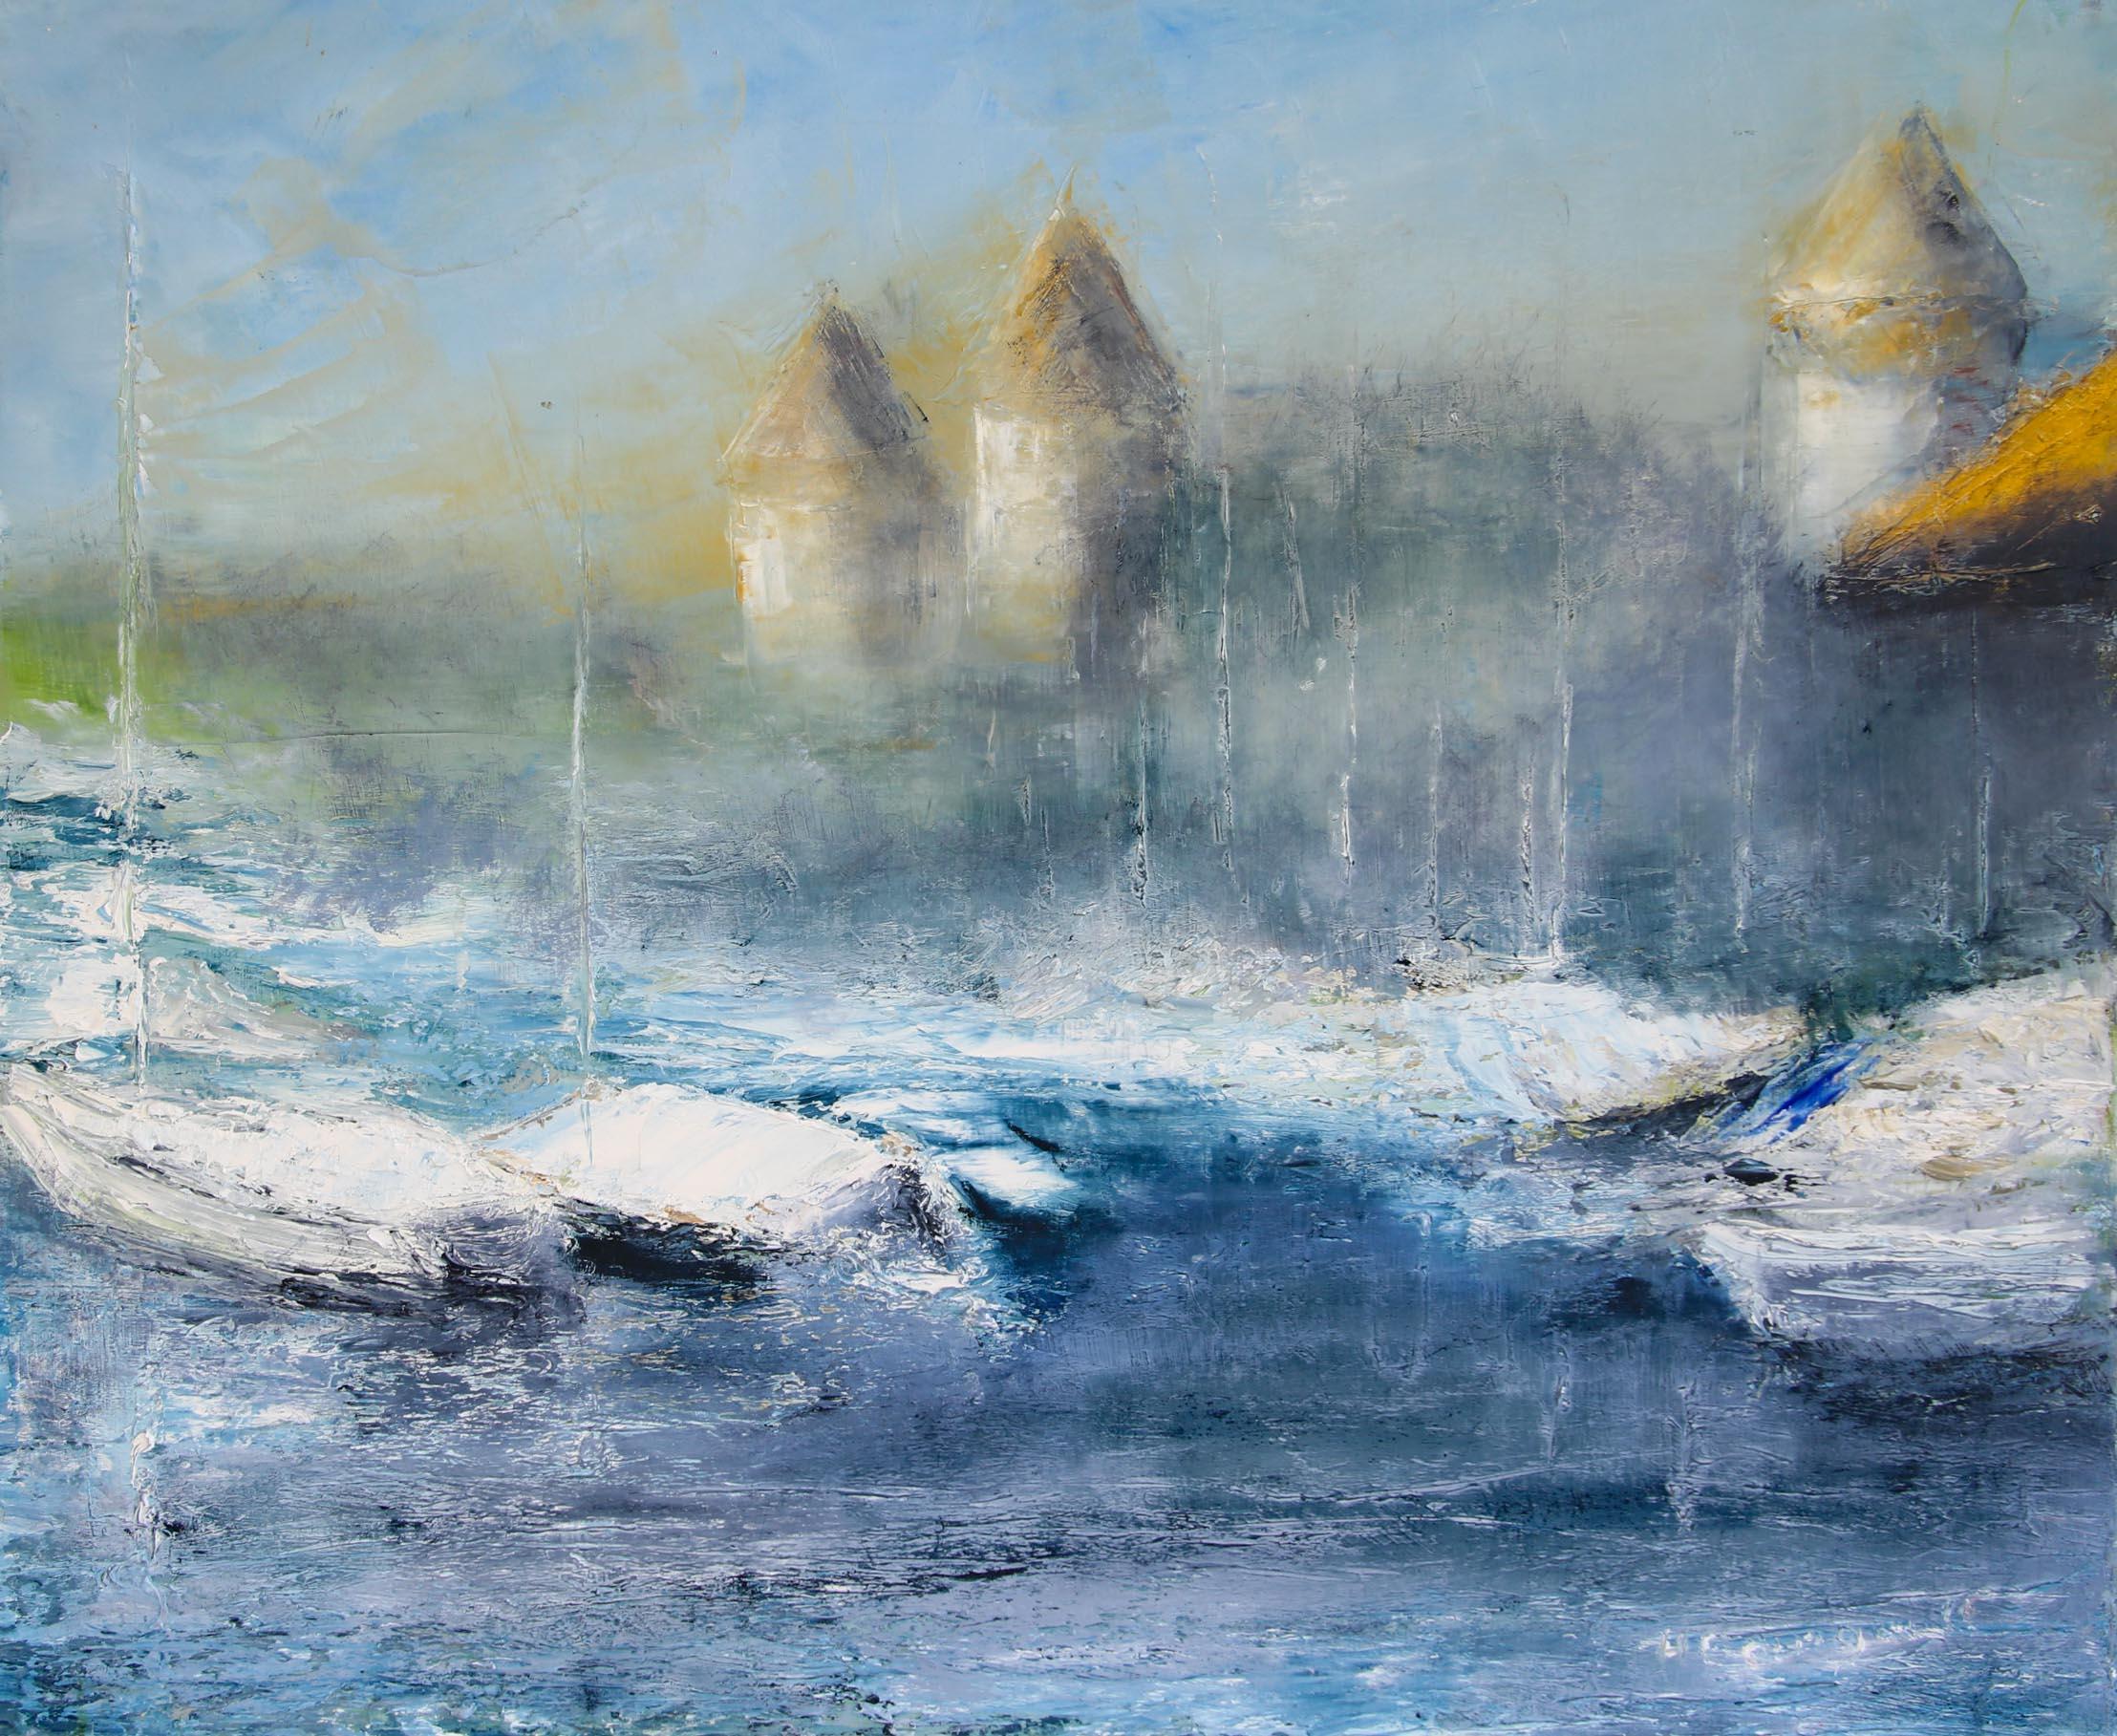 Morges, son port et son château 50 x 60 cm Hélène Bourgault